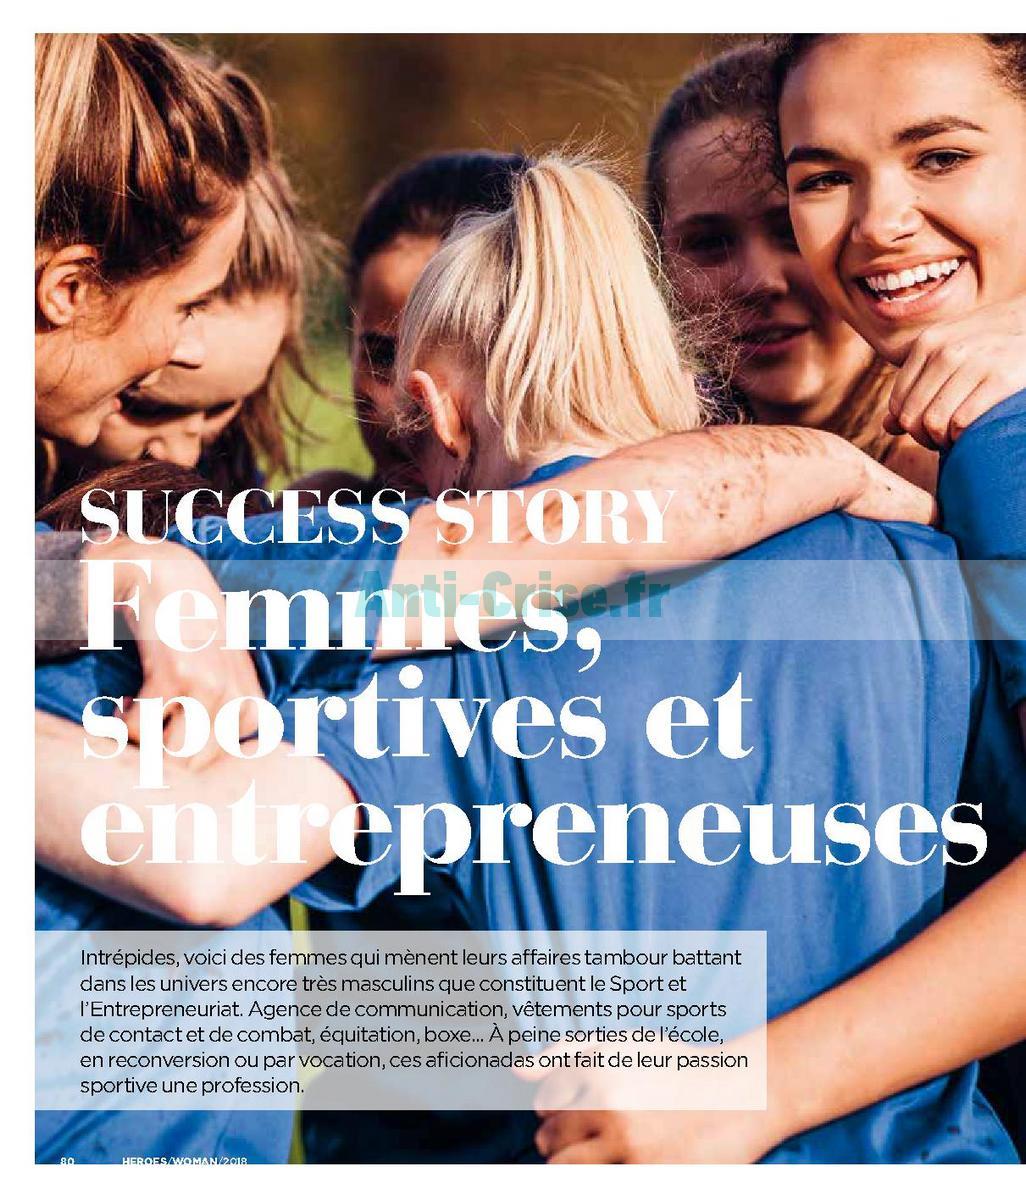 decembre2018 Catalogue Go Sport du 28 avril au 31 décembre 2018 (Spécial Femme) (80)